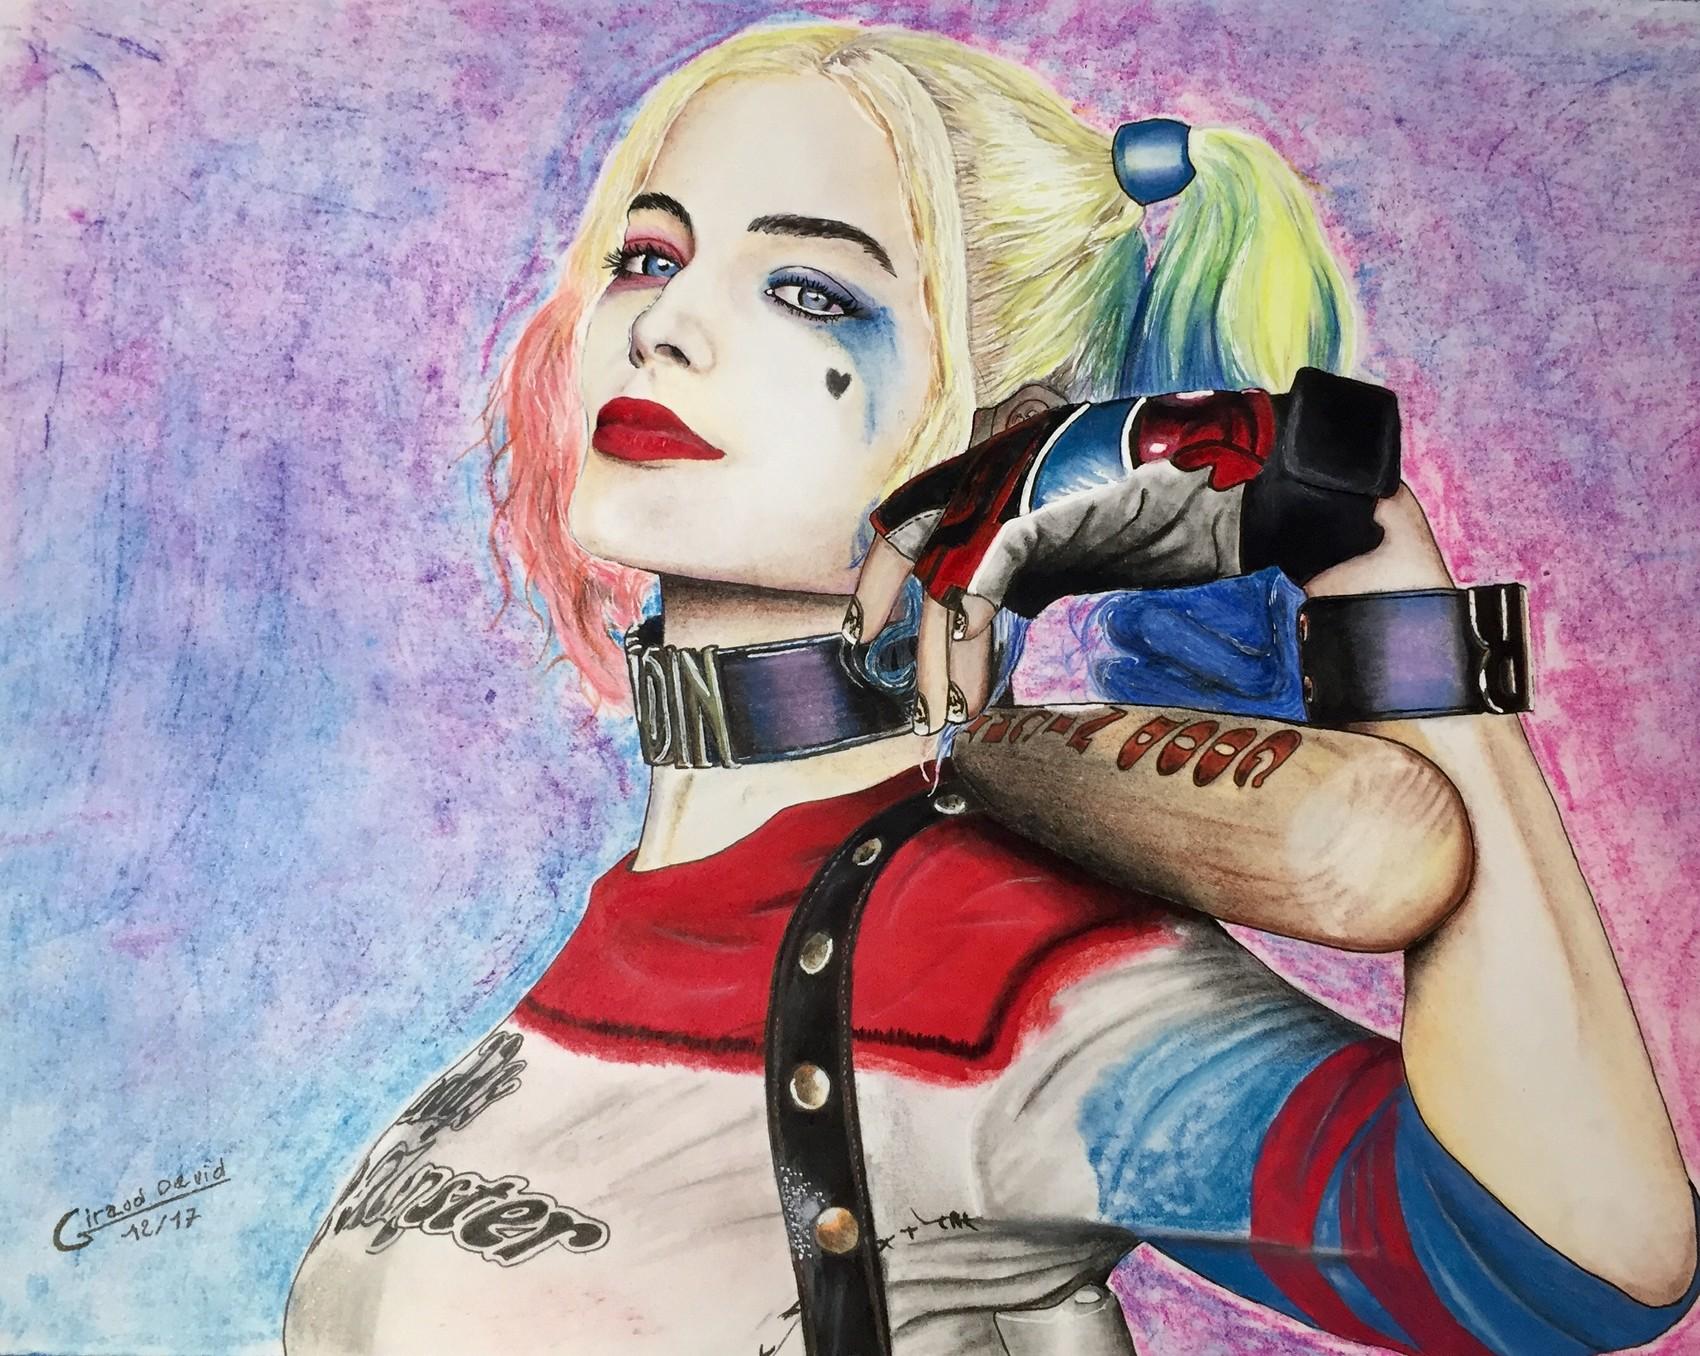 Dessin Harley quinn